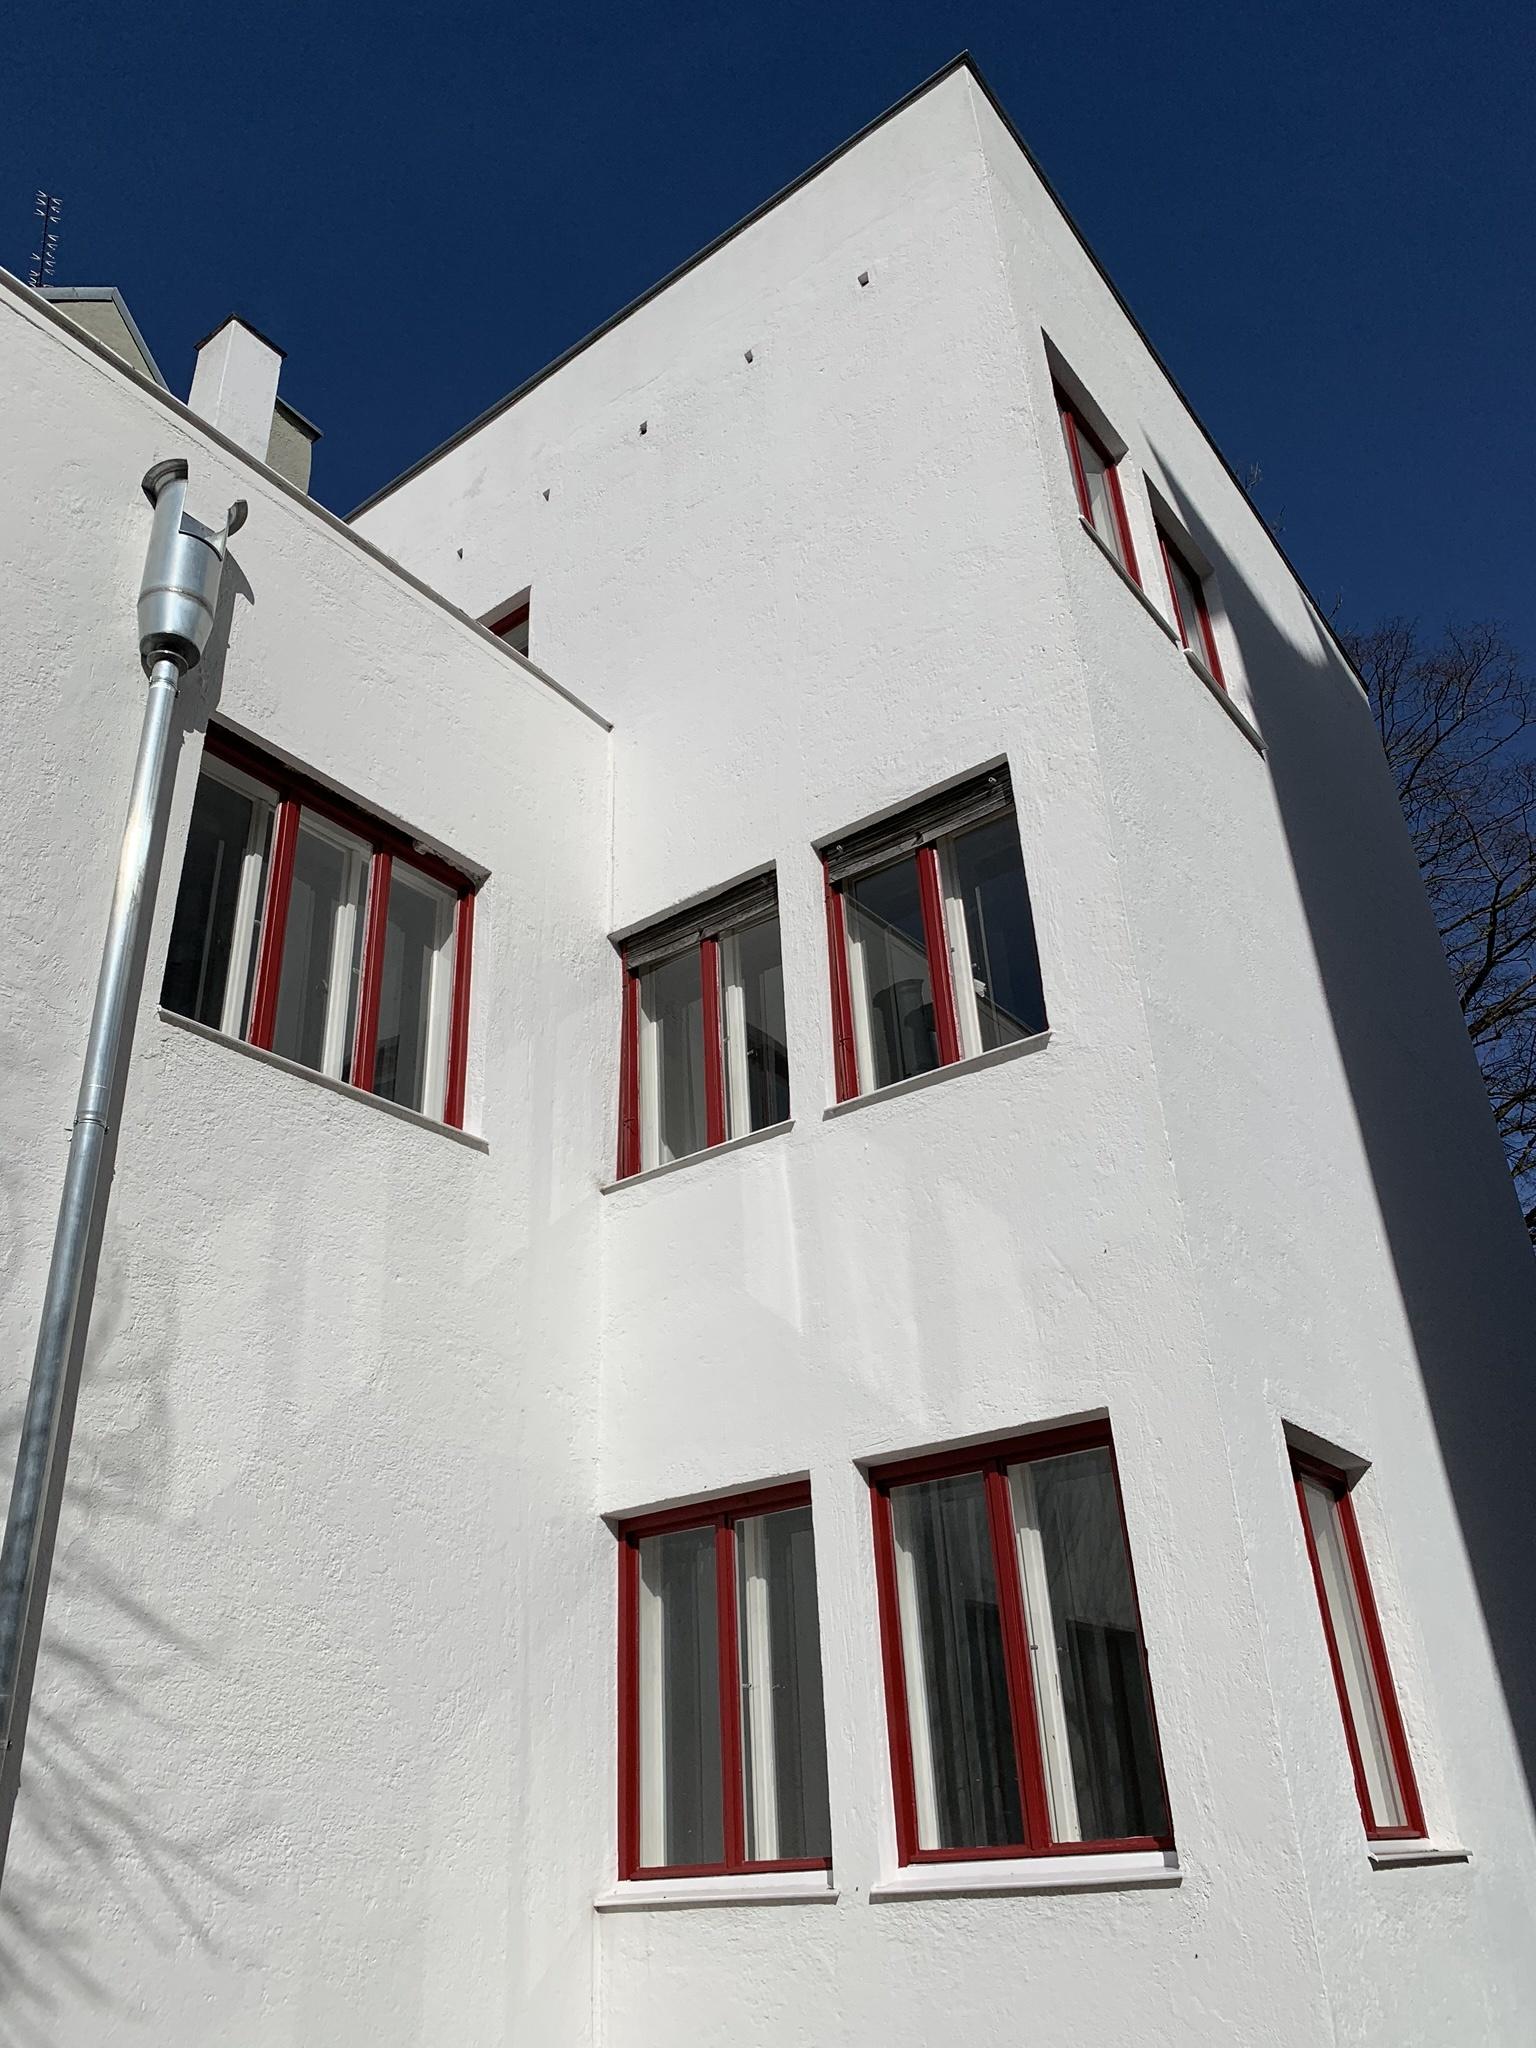 Büro- und Wohnhaus Wechs, 1929-1931. Architekt: Thomas Wechs